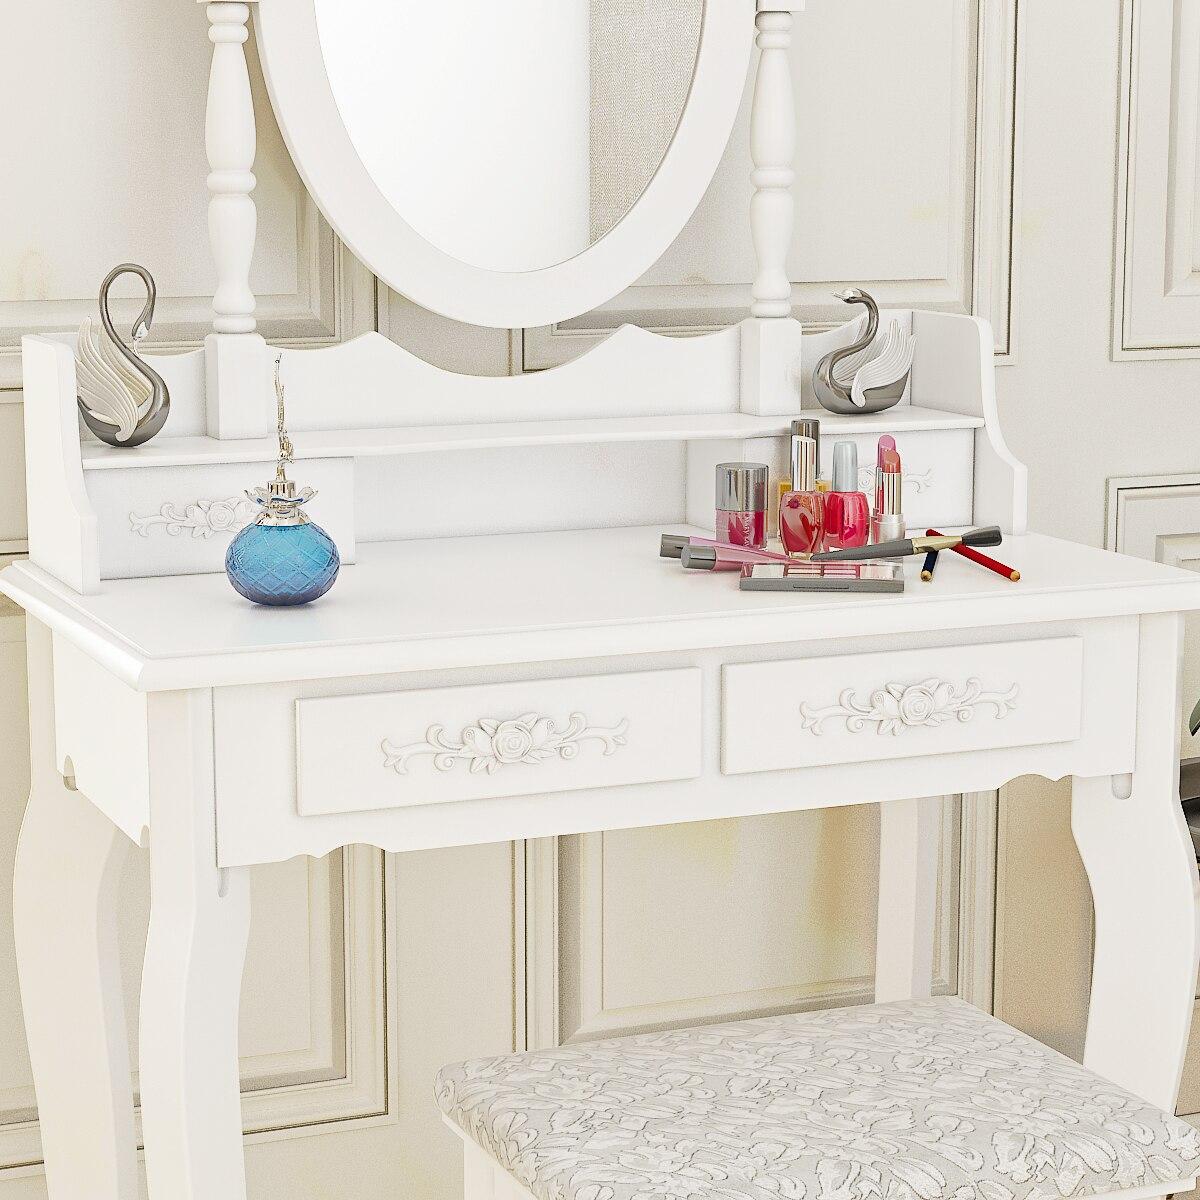 Panana 4 ящика туалетный столик набор туалетный столик с мягким табуретом спальня макияж стол черный - 6